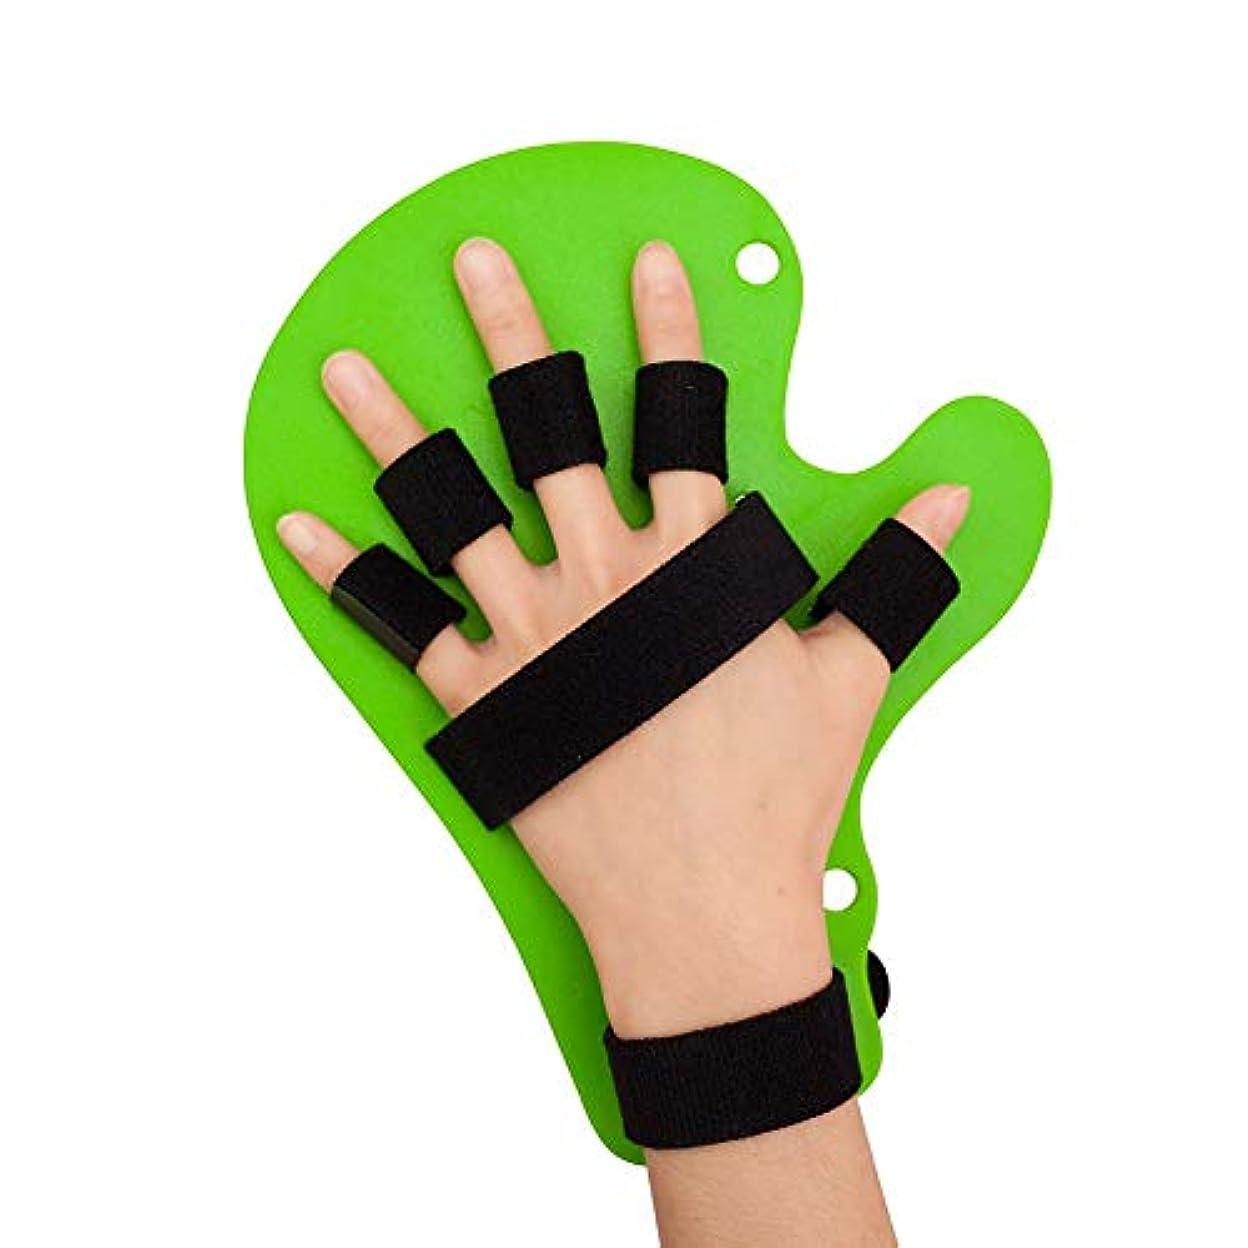 友情最初優しさスプリント指指セパレーター、指インソール指トレーニング、手の手首のトレーニング脳卒中患者の関節炎リハビリトレーニング機器を指 (Color : 緑)